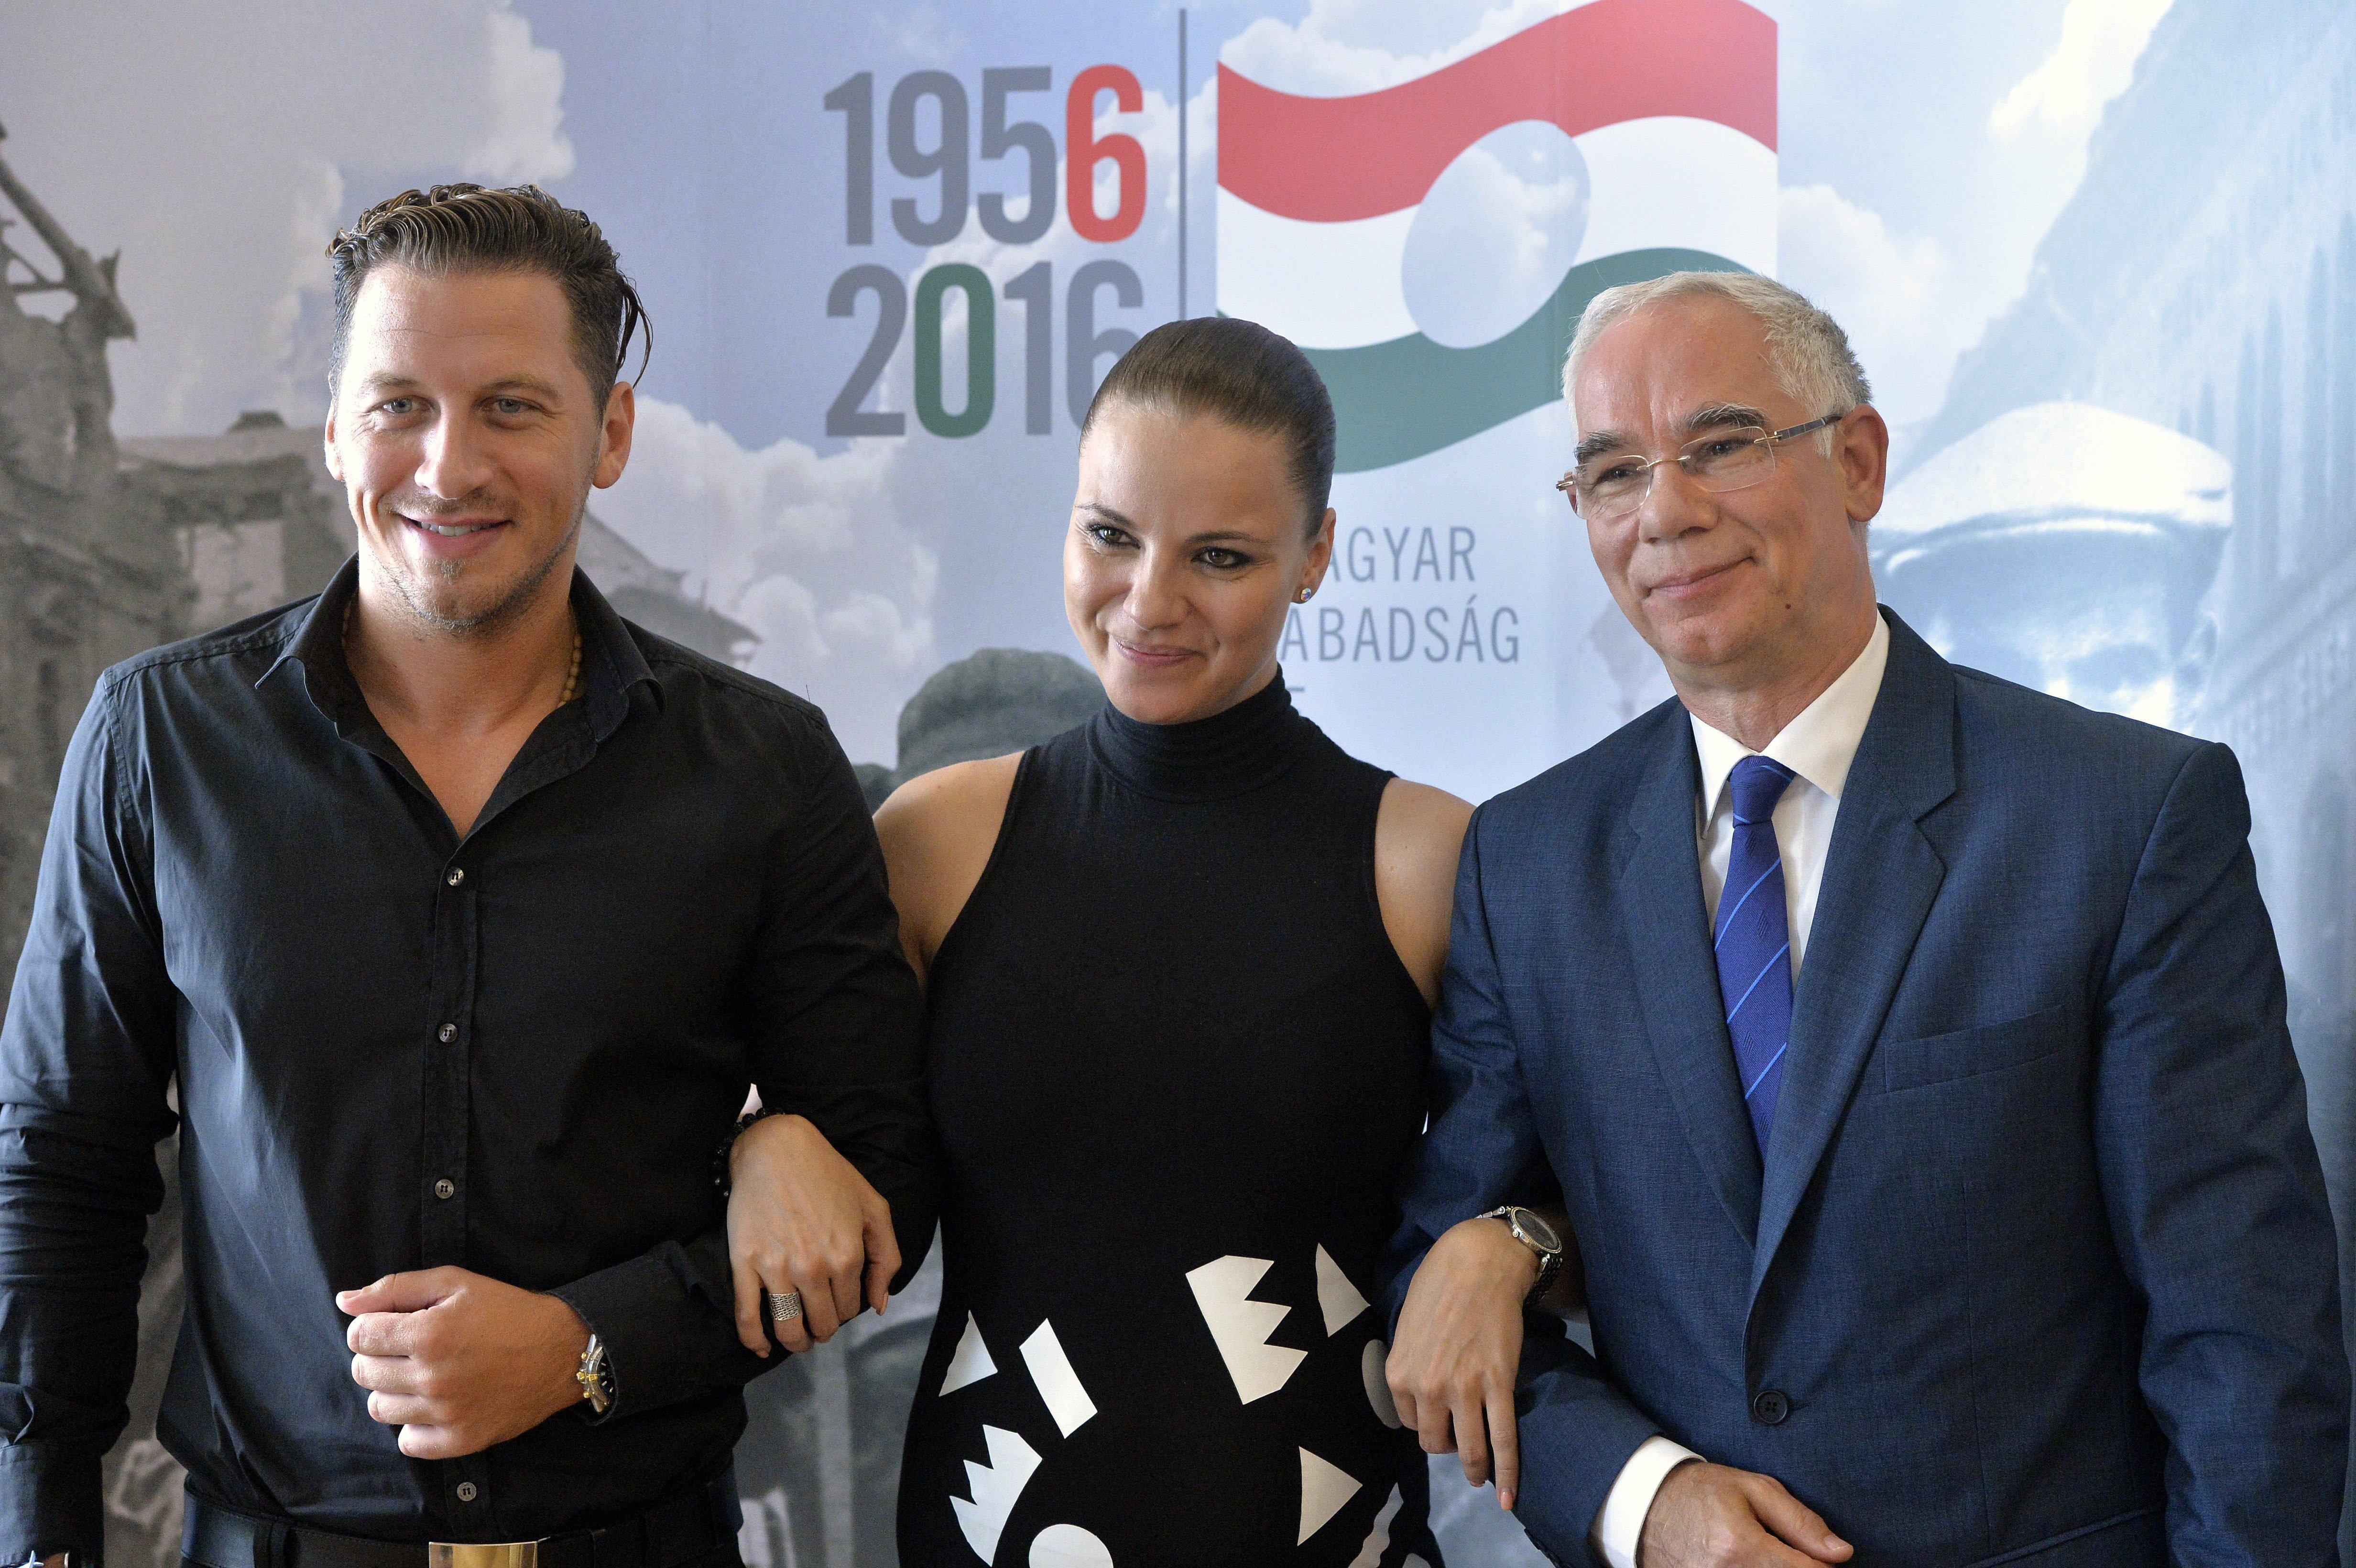 Hallgassa a dalt, amit Orbán Viktor rendelt az 1956-os emlékévre